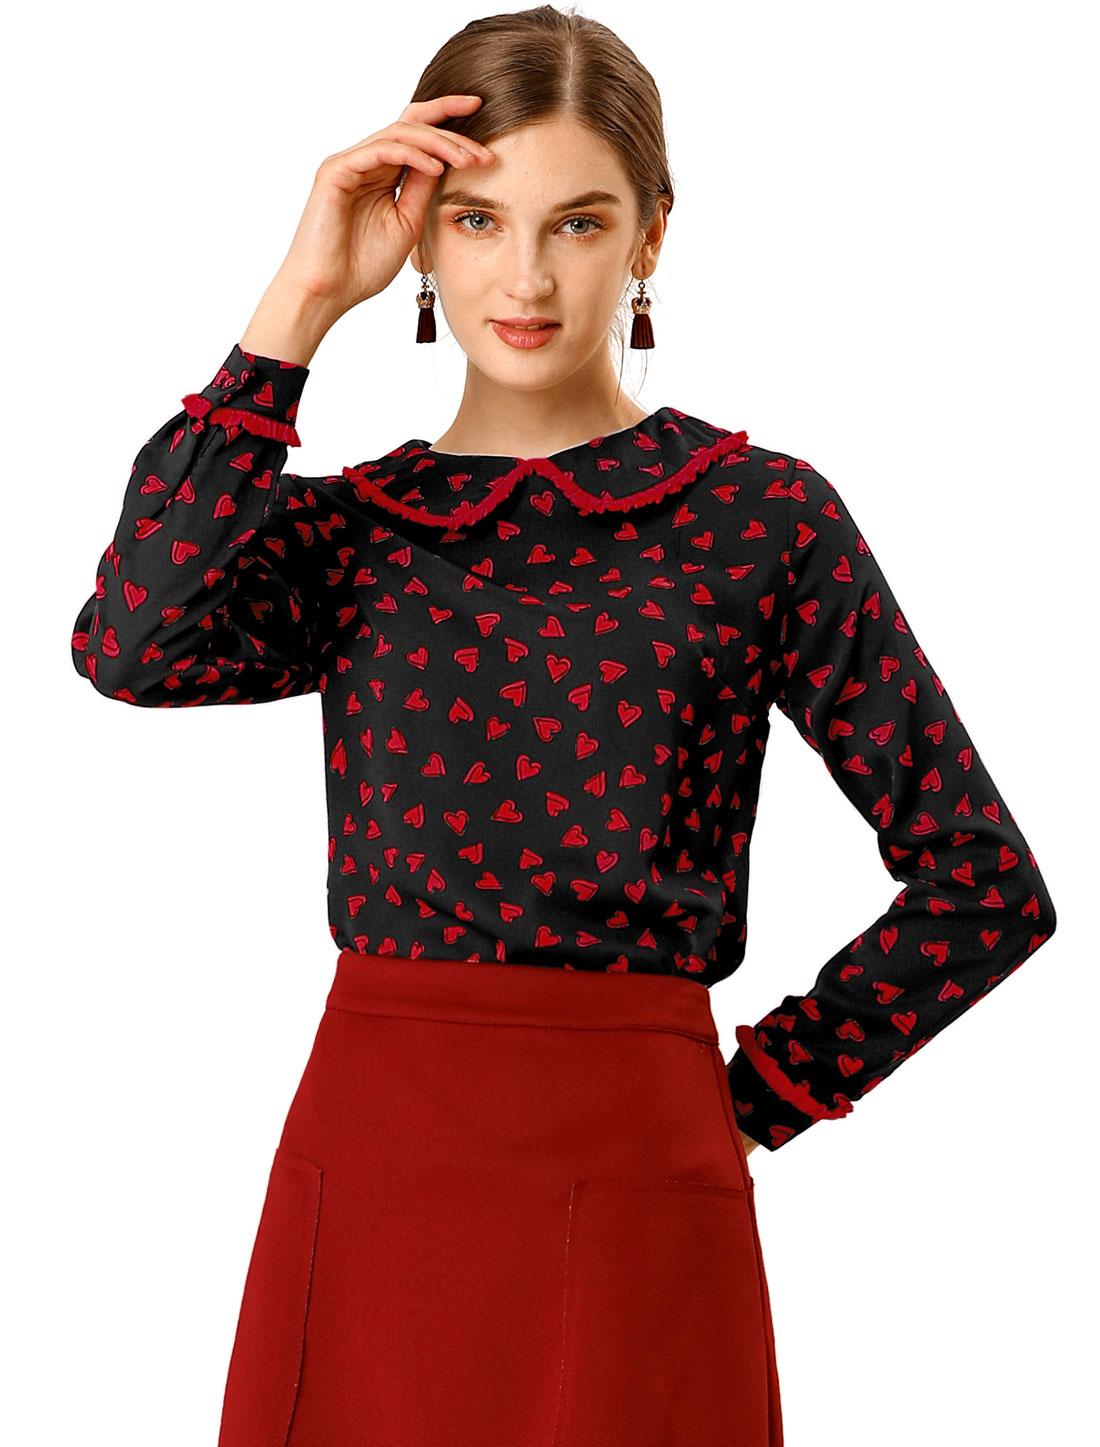 Allegra K Women's Cute Ruffle Peter Pan Collar Blouse Black XL